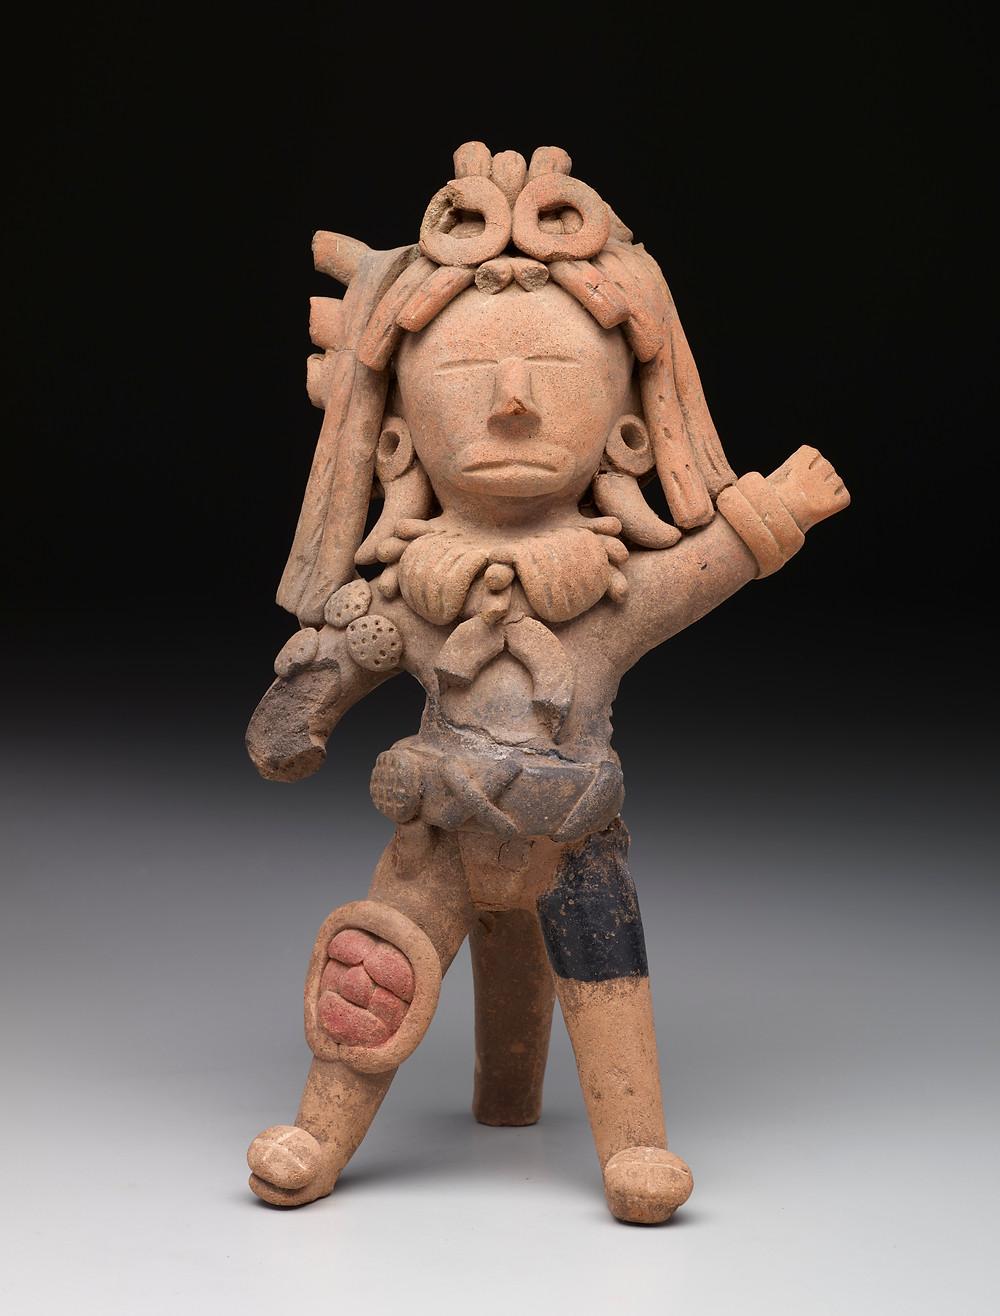 Игрок в мяч, Веракрус, 150 – 300 гг. н.э. Коллекция Dallas Museum of Art.